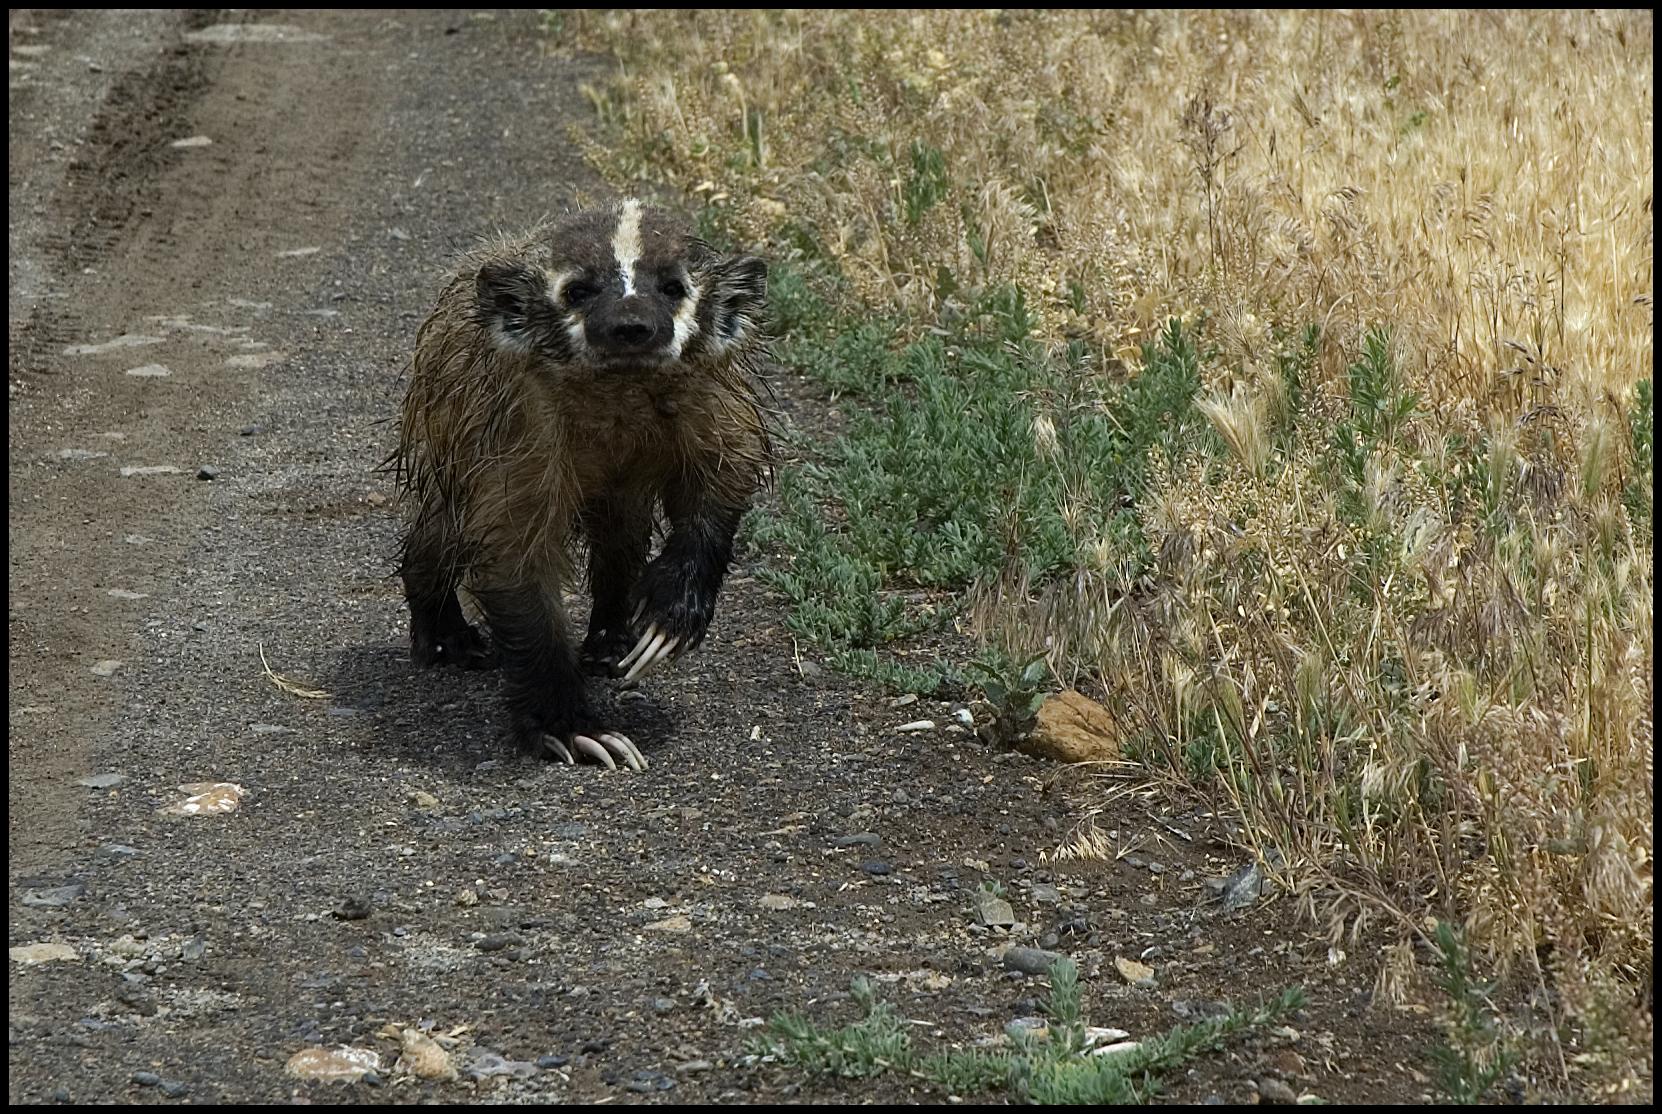 Badger, Malheur National Wildlife Refuge, OR